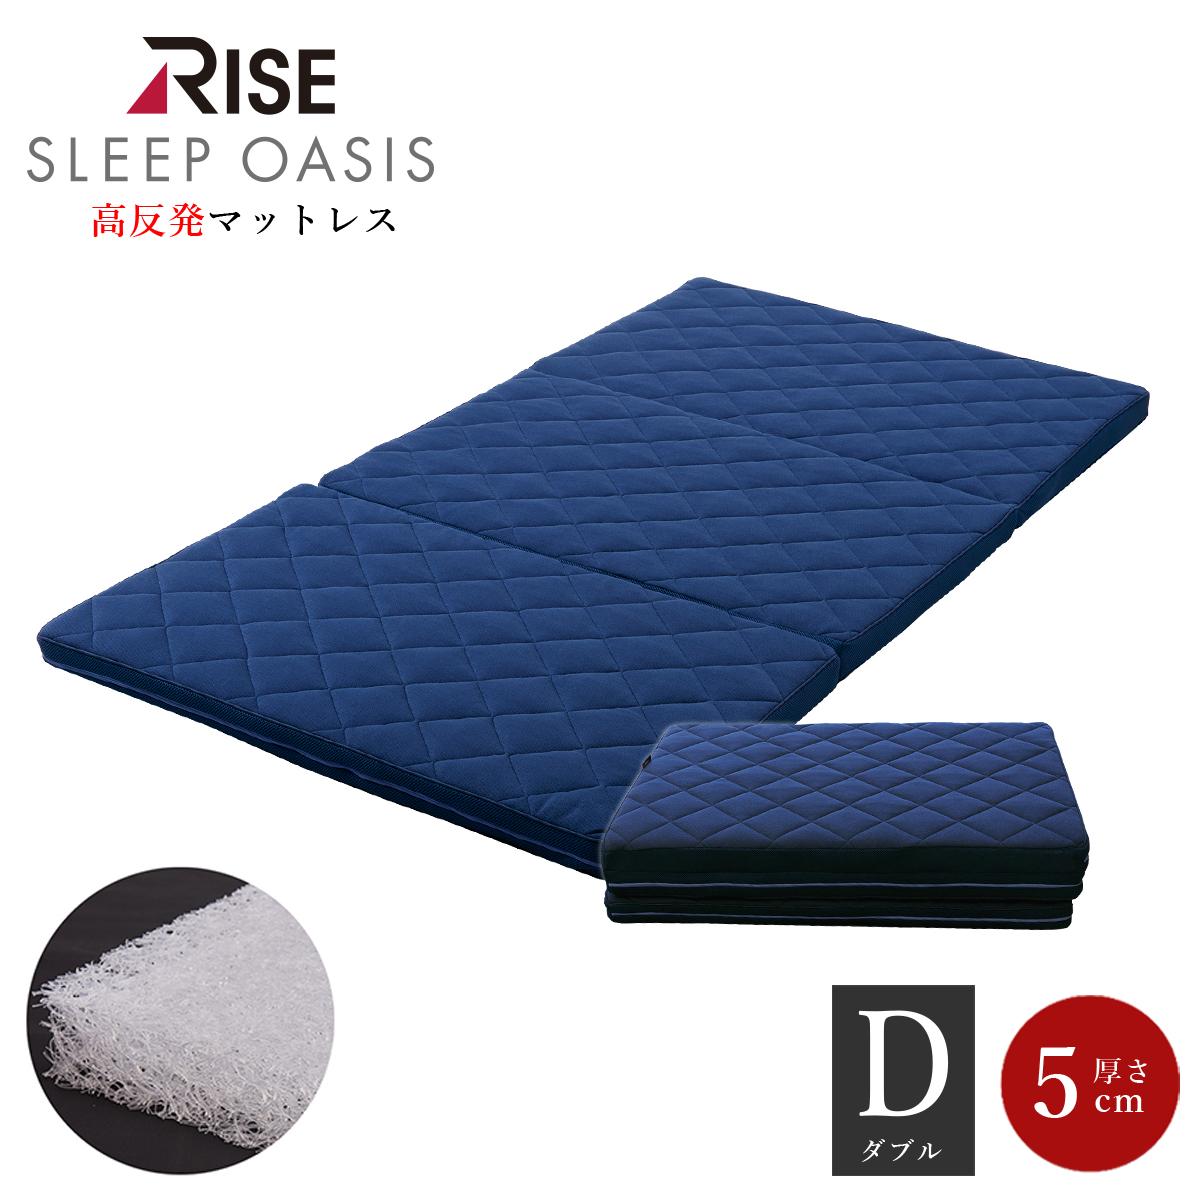 スリープオアシス 高反発ファイバーマットレス V02 ダブルサイズ 三つ折りタイプ 厚さ5cm 敷布団としても使えるマットレス ライズTOKYOの高反発マットレス